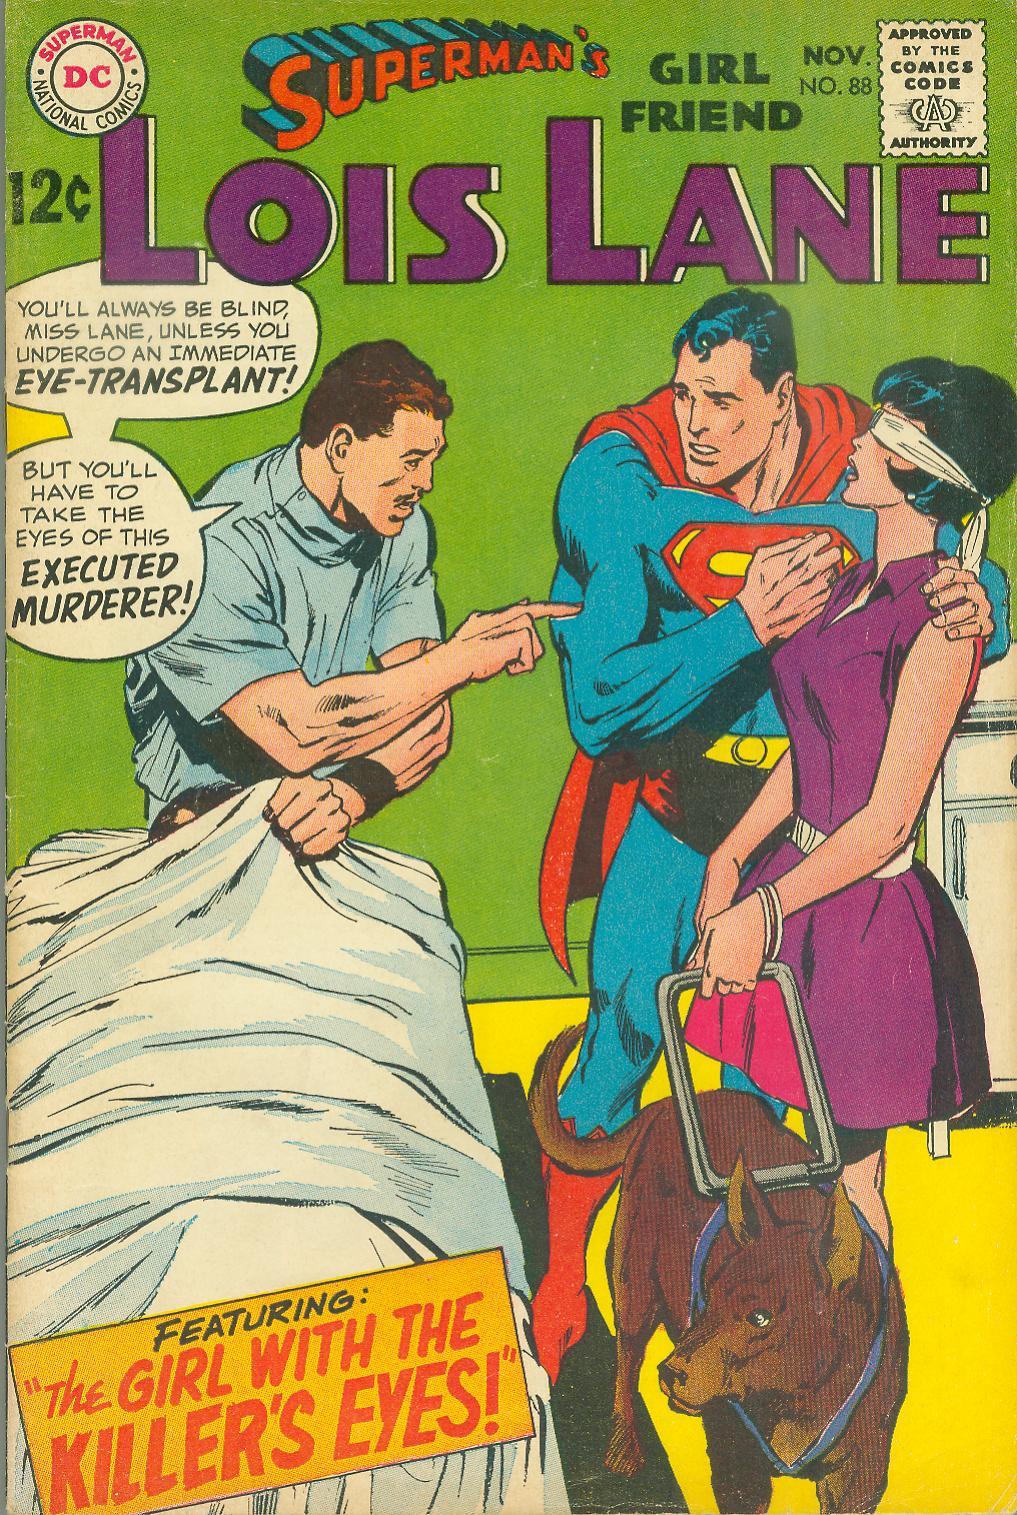 Supermans Girl Friend, Lois Lane 88 Page 1